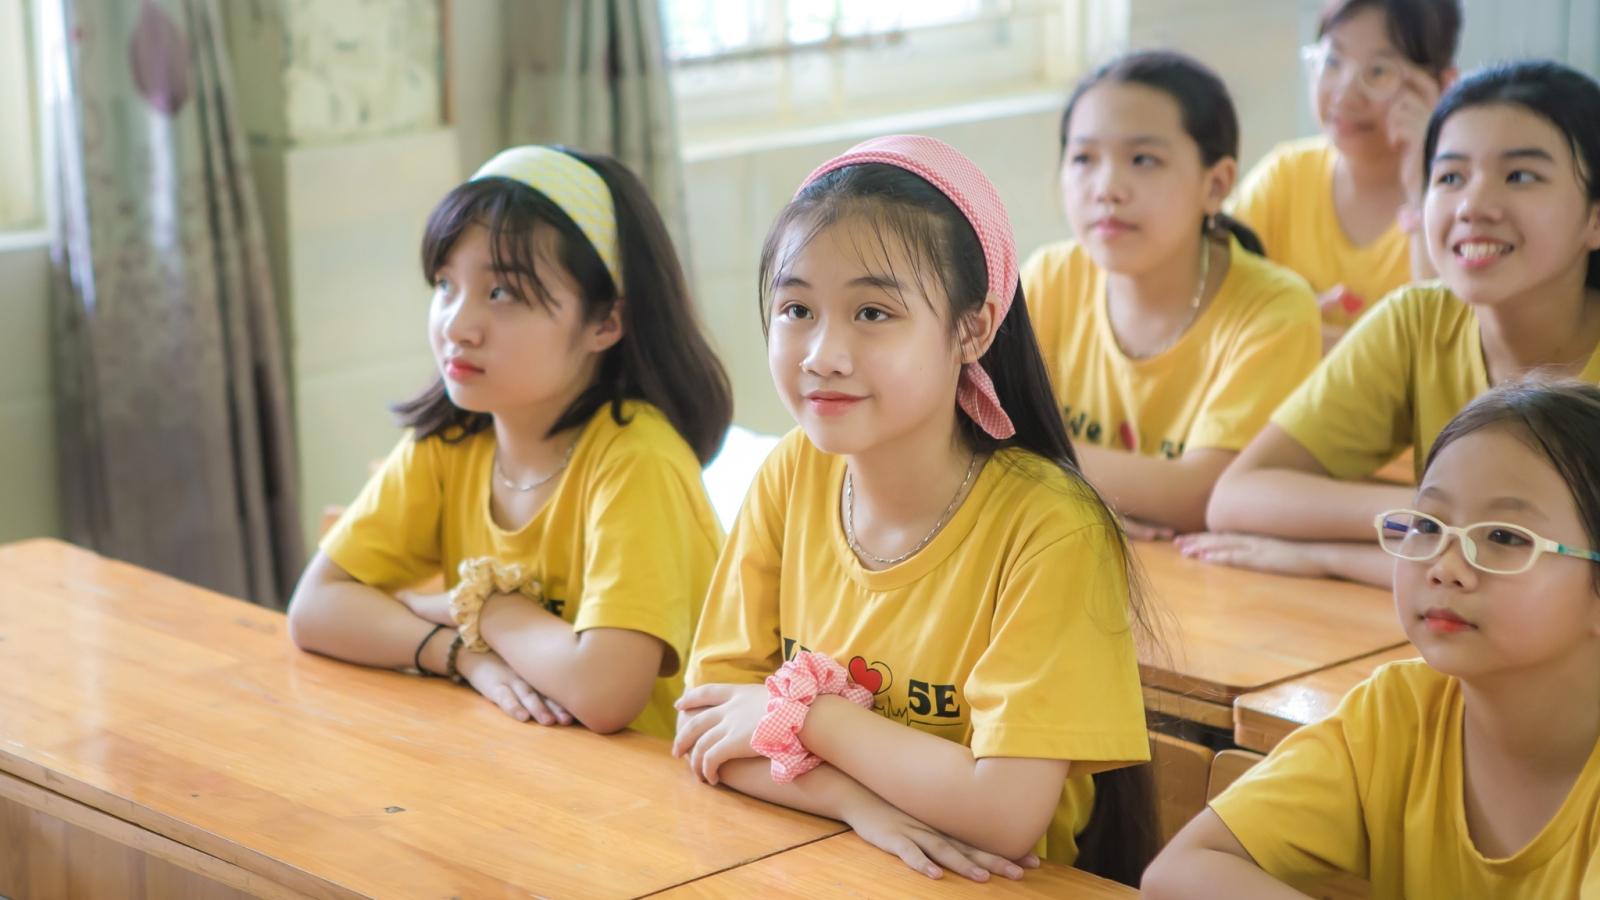 Quy định không được phê bình học sinh trước cả lớp, giáo viên có gặp khó?